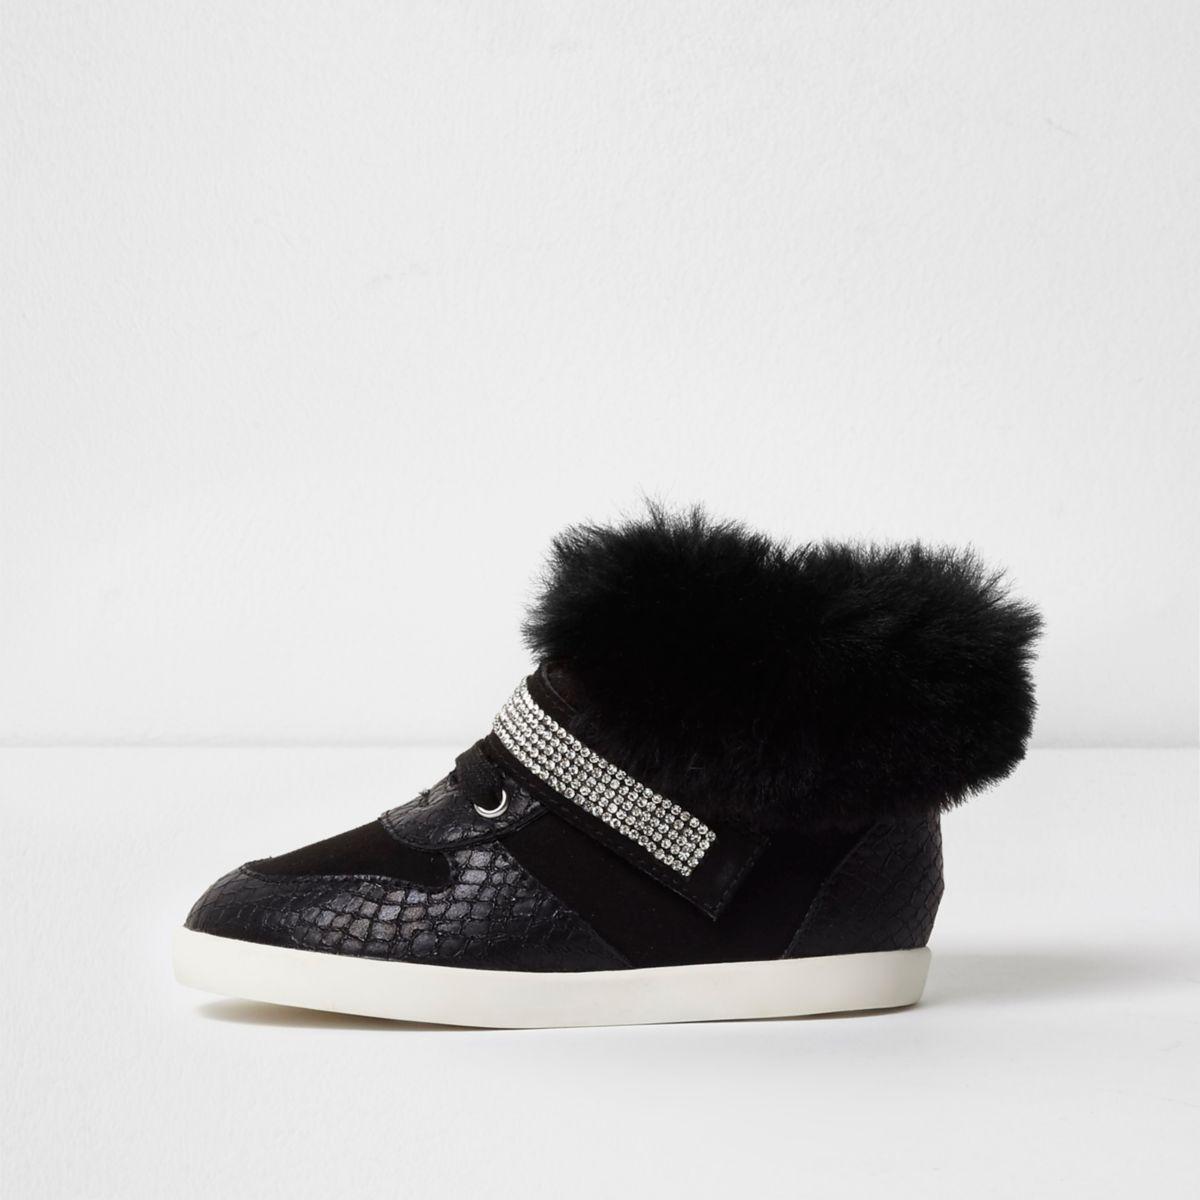 Schwarze, hohe Sneakers aus Kunstfell